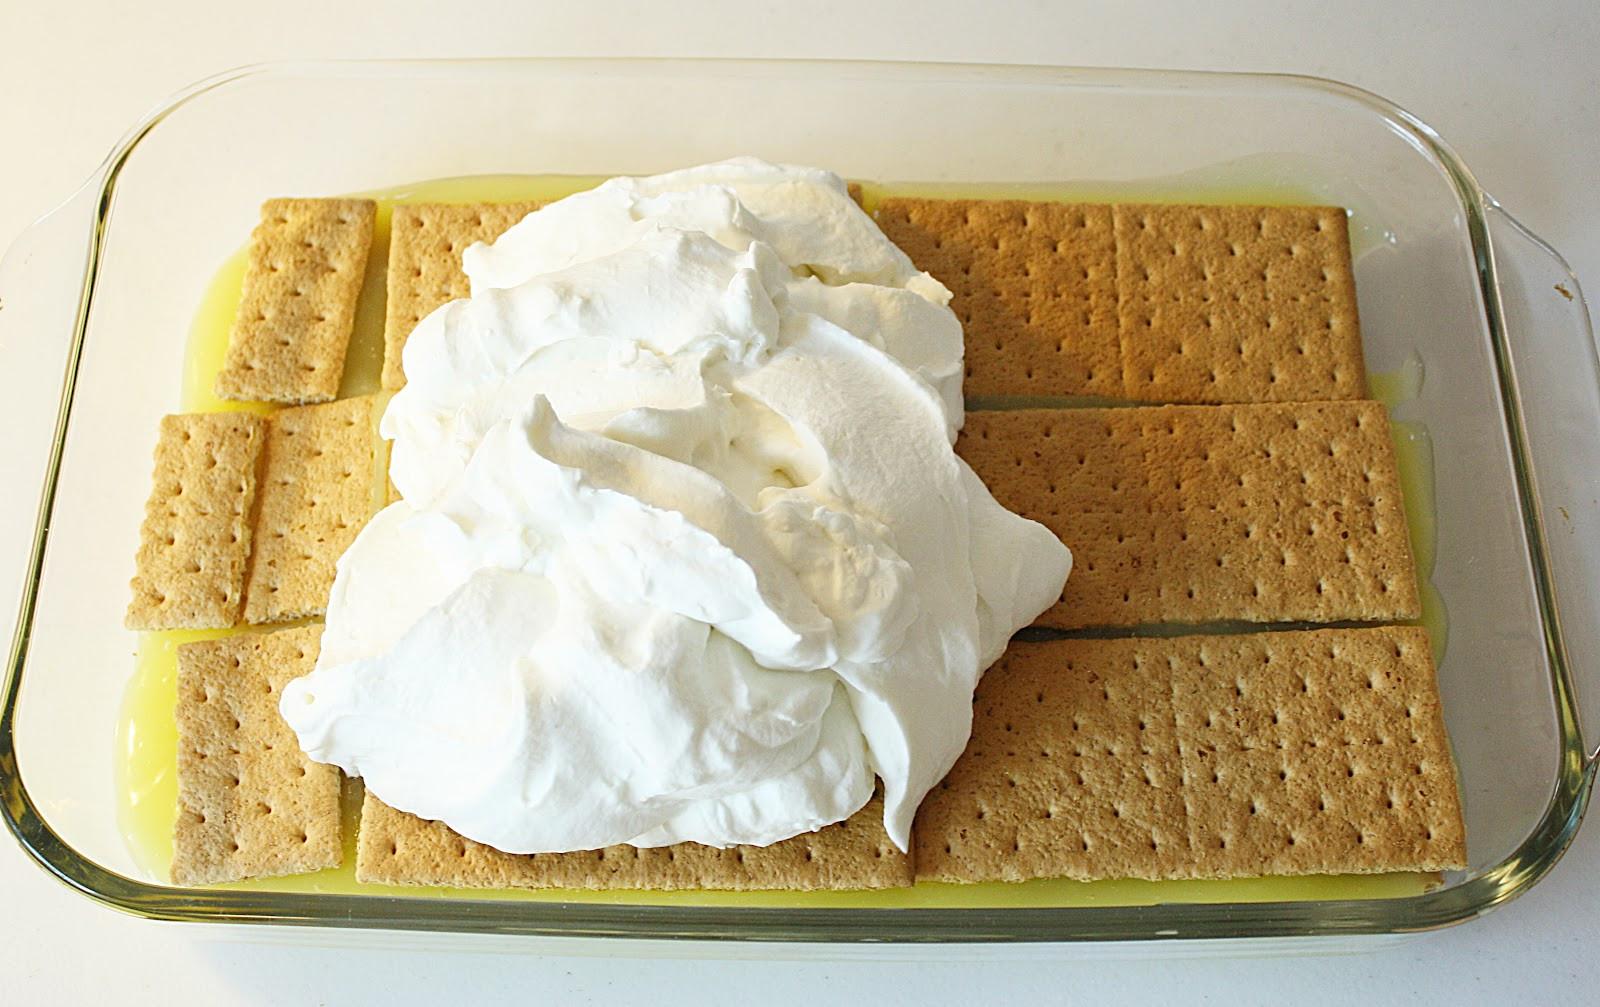 Graham Cracker Dessert  back to basics lemon graham cracker dessert